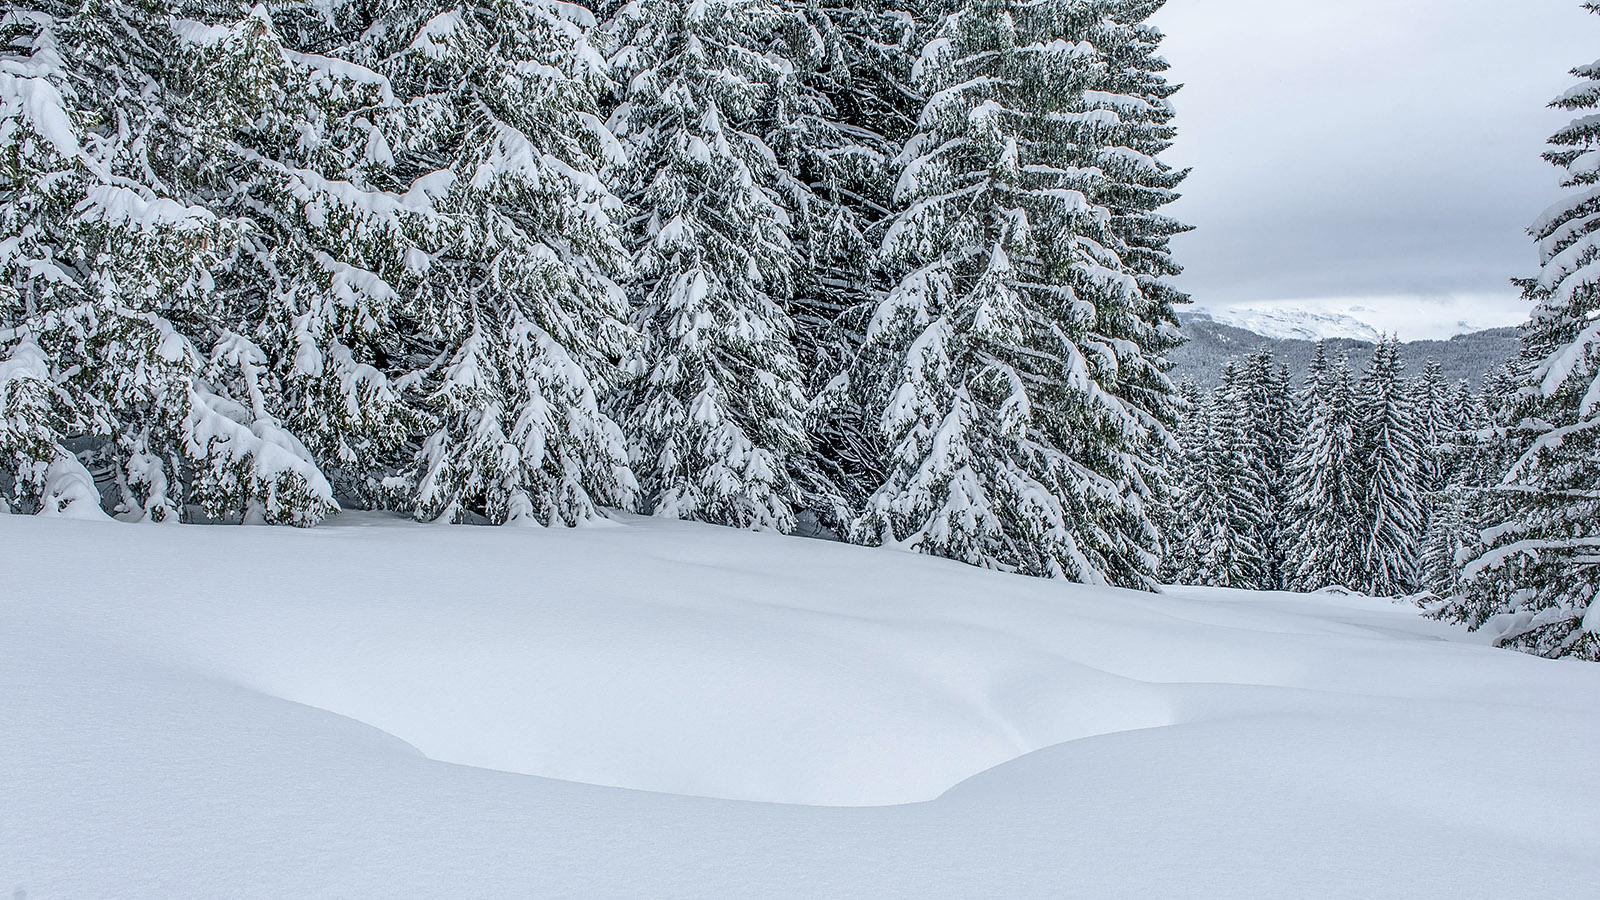 Schneeschuhwandern durch den Winterwald des Mont-Caly. Foto: Hilke Maunder